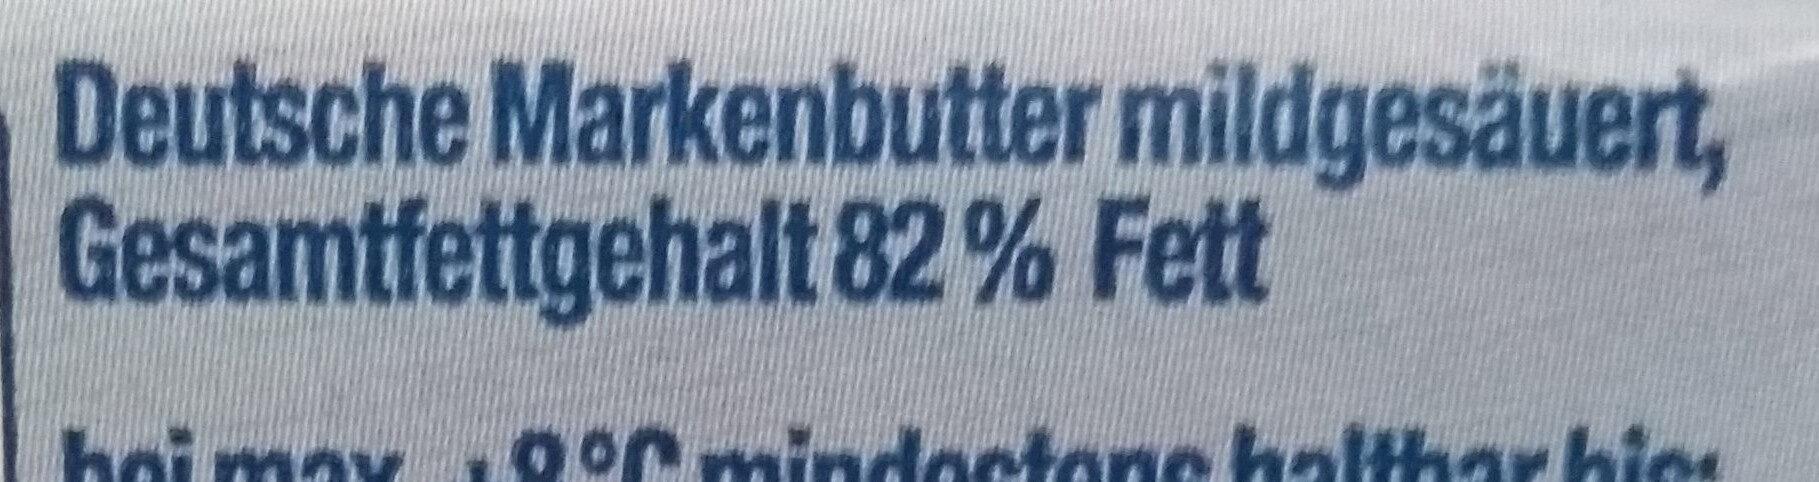 Deutsche Markenbutter mildgesäuert - Ingredienti - de